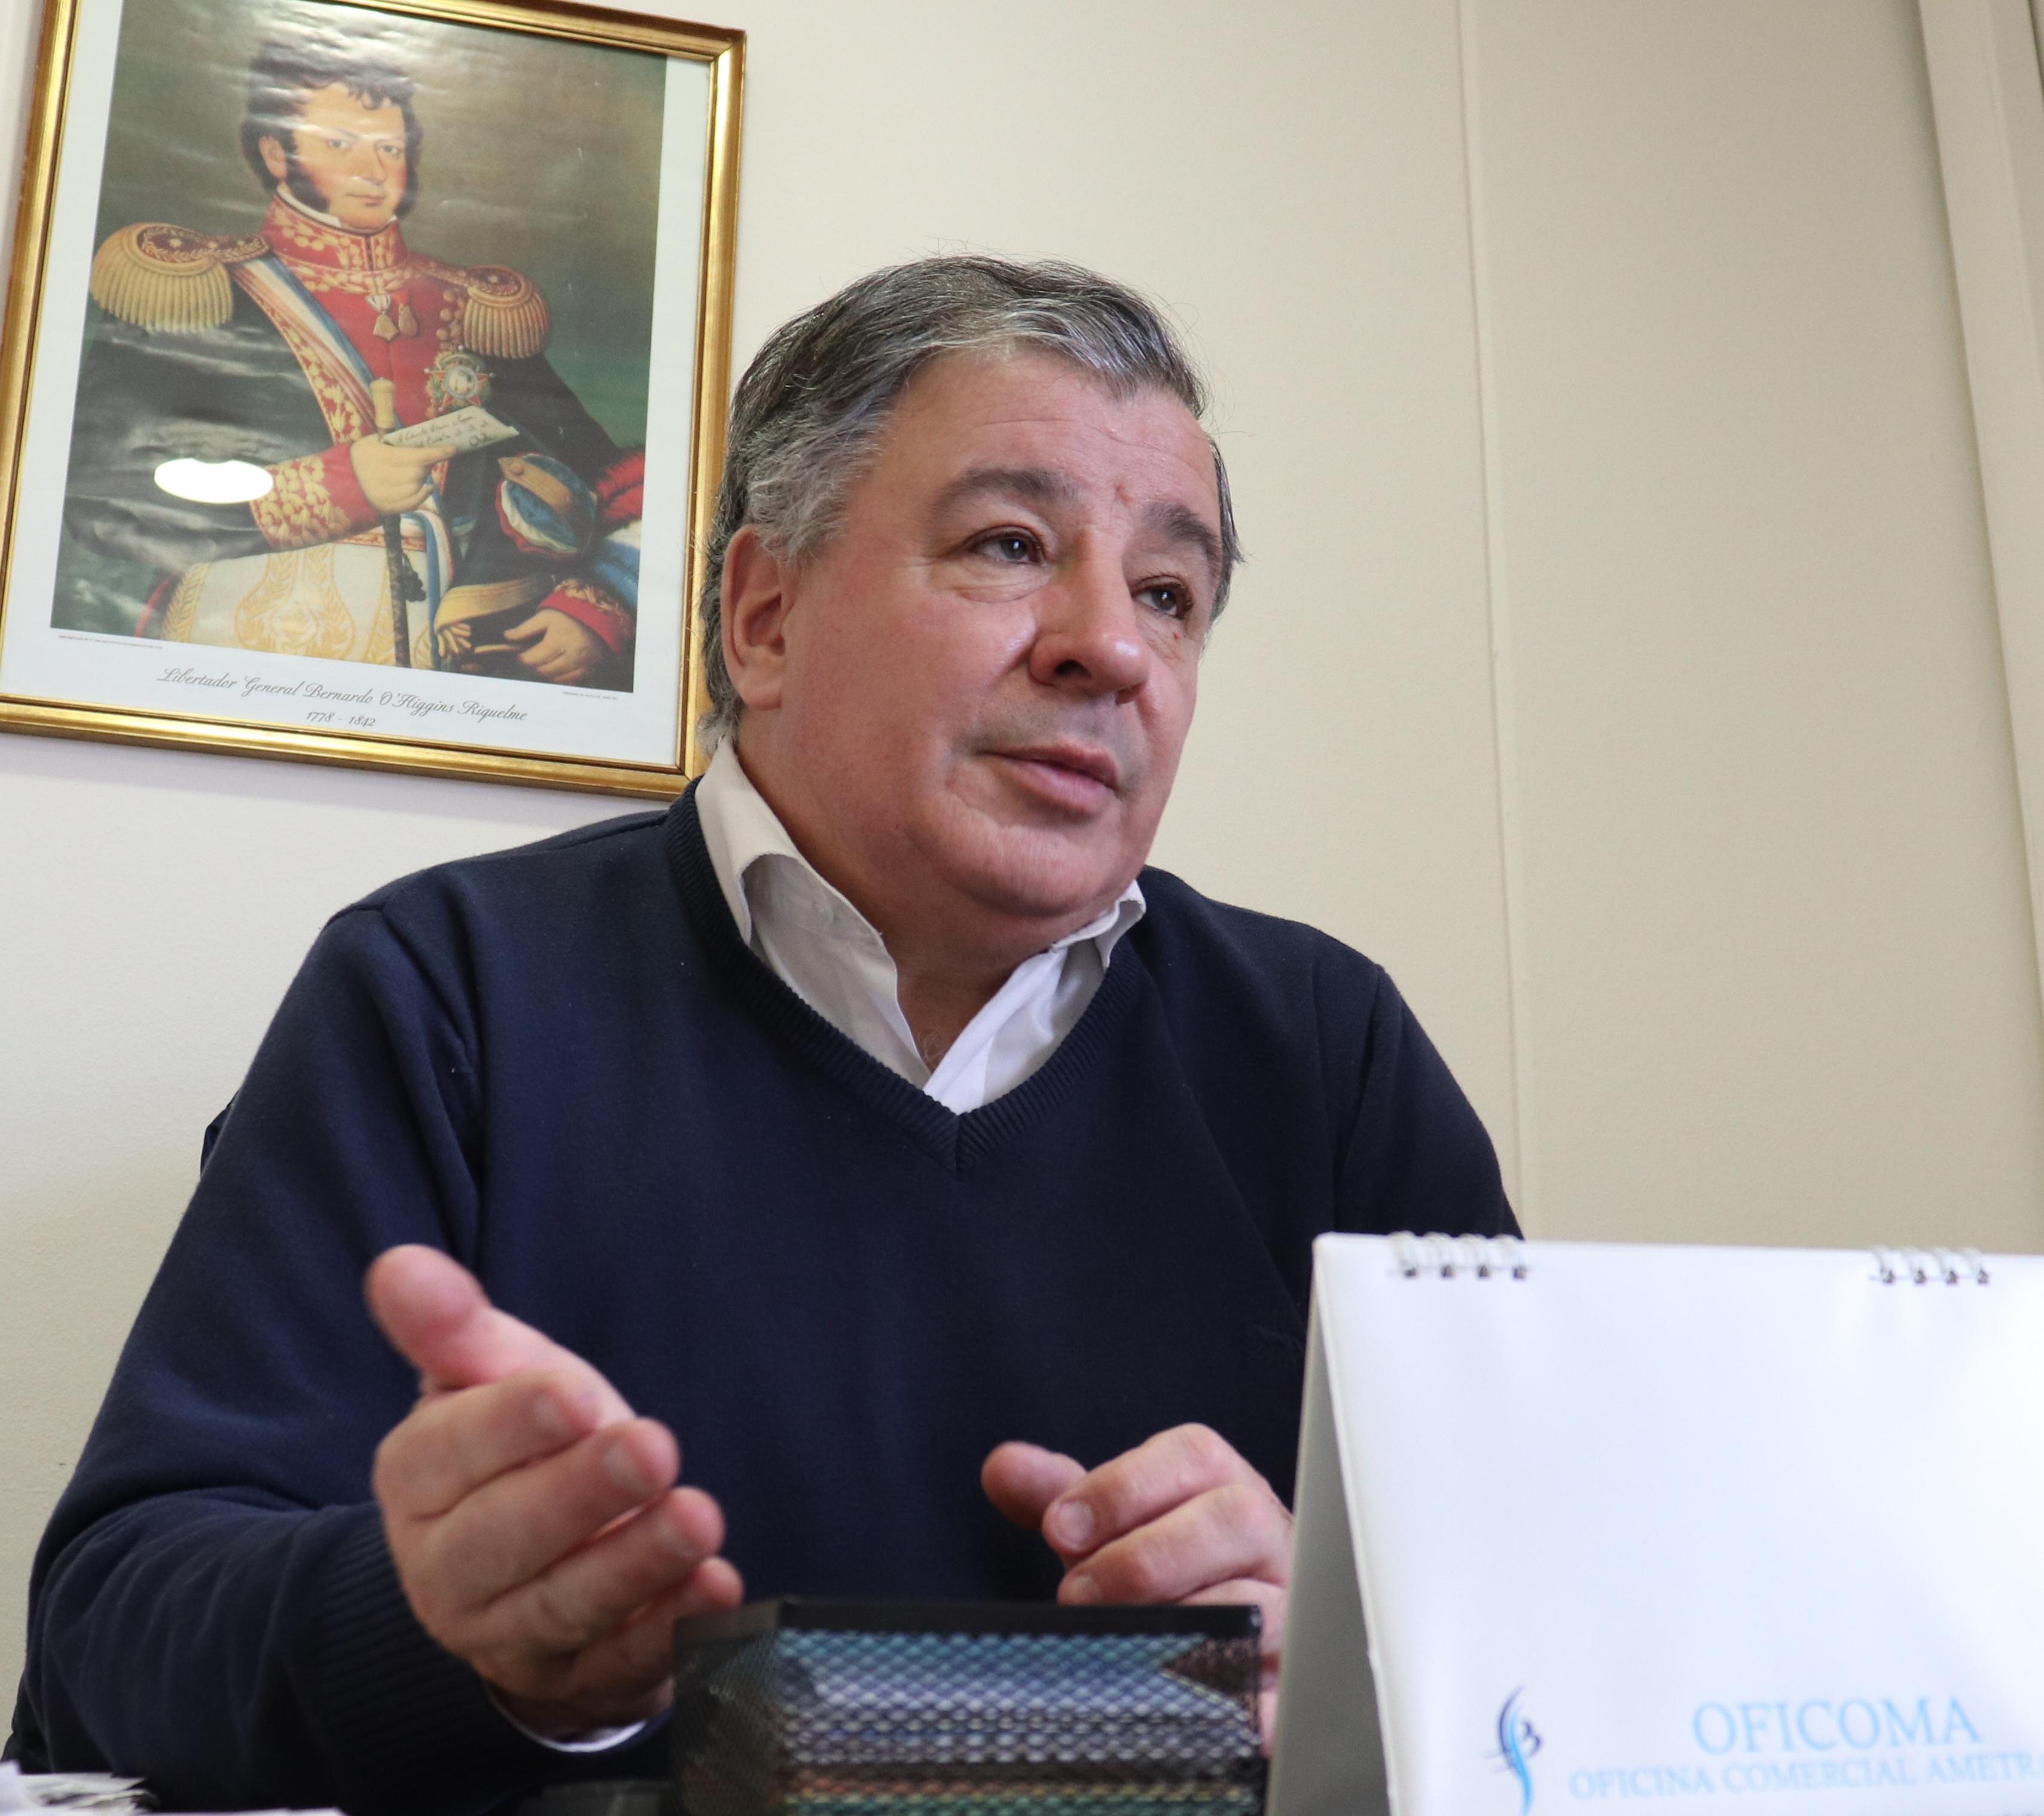 El cónsul de Chile en Río Gallegos, Sergio Valenzuela. Foto archivo La Opinión Austral.